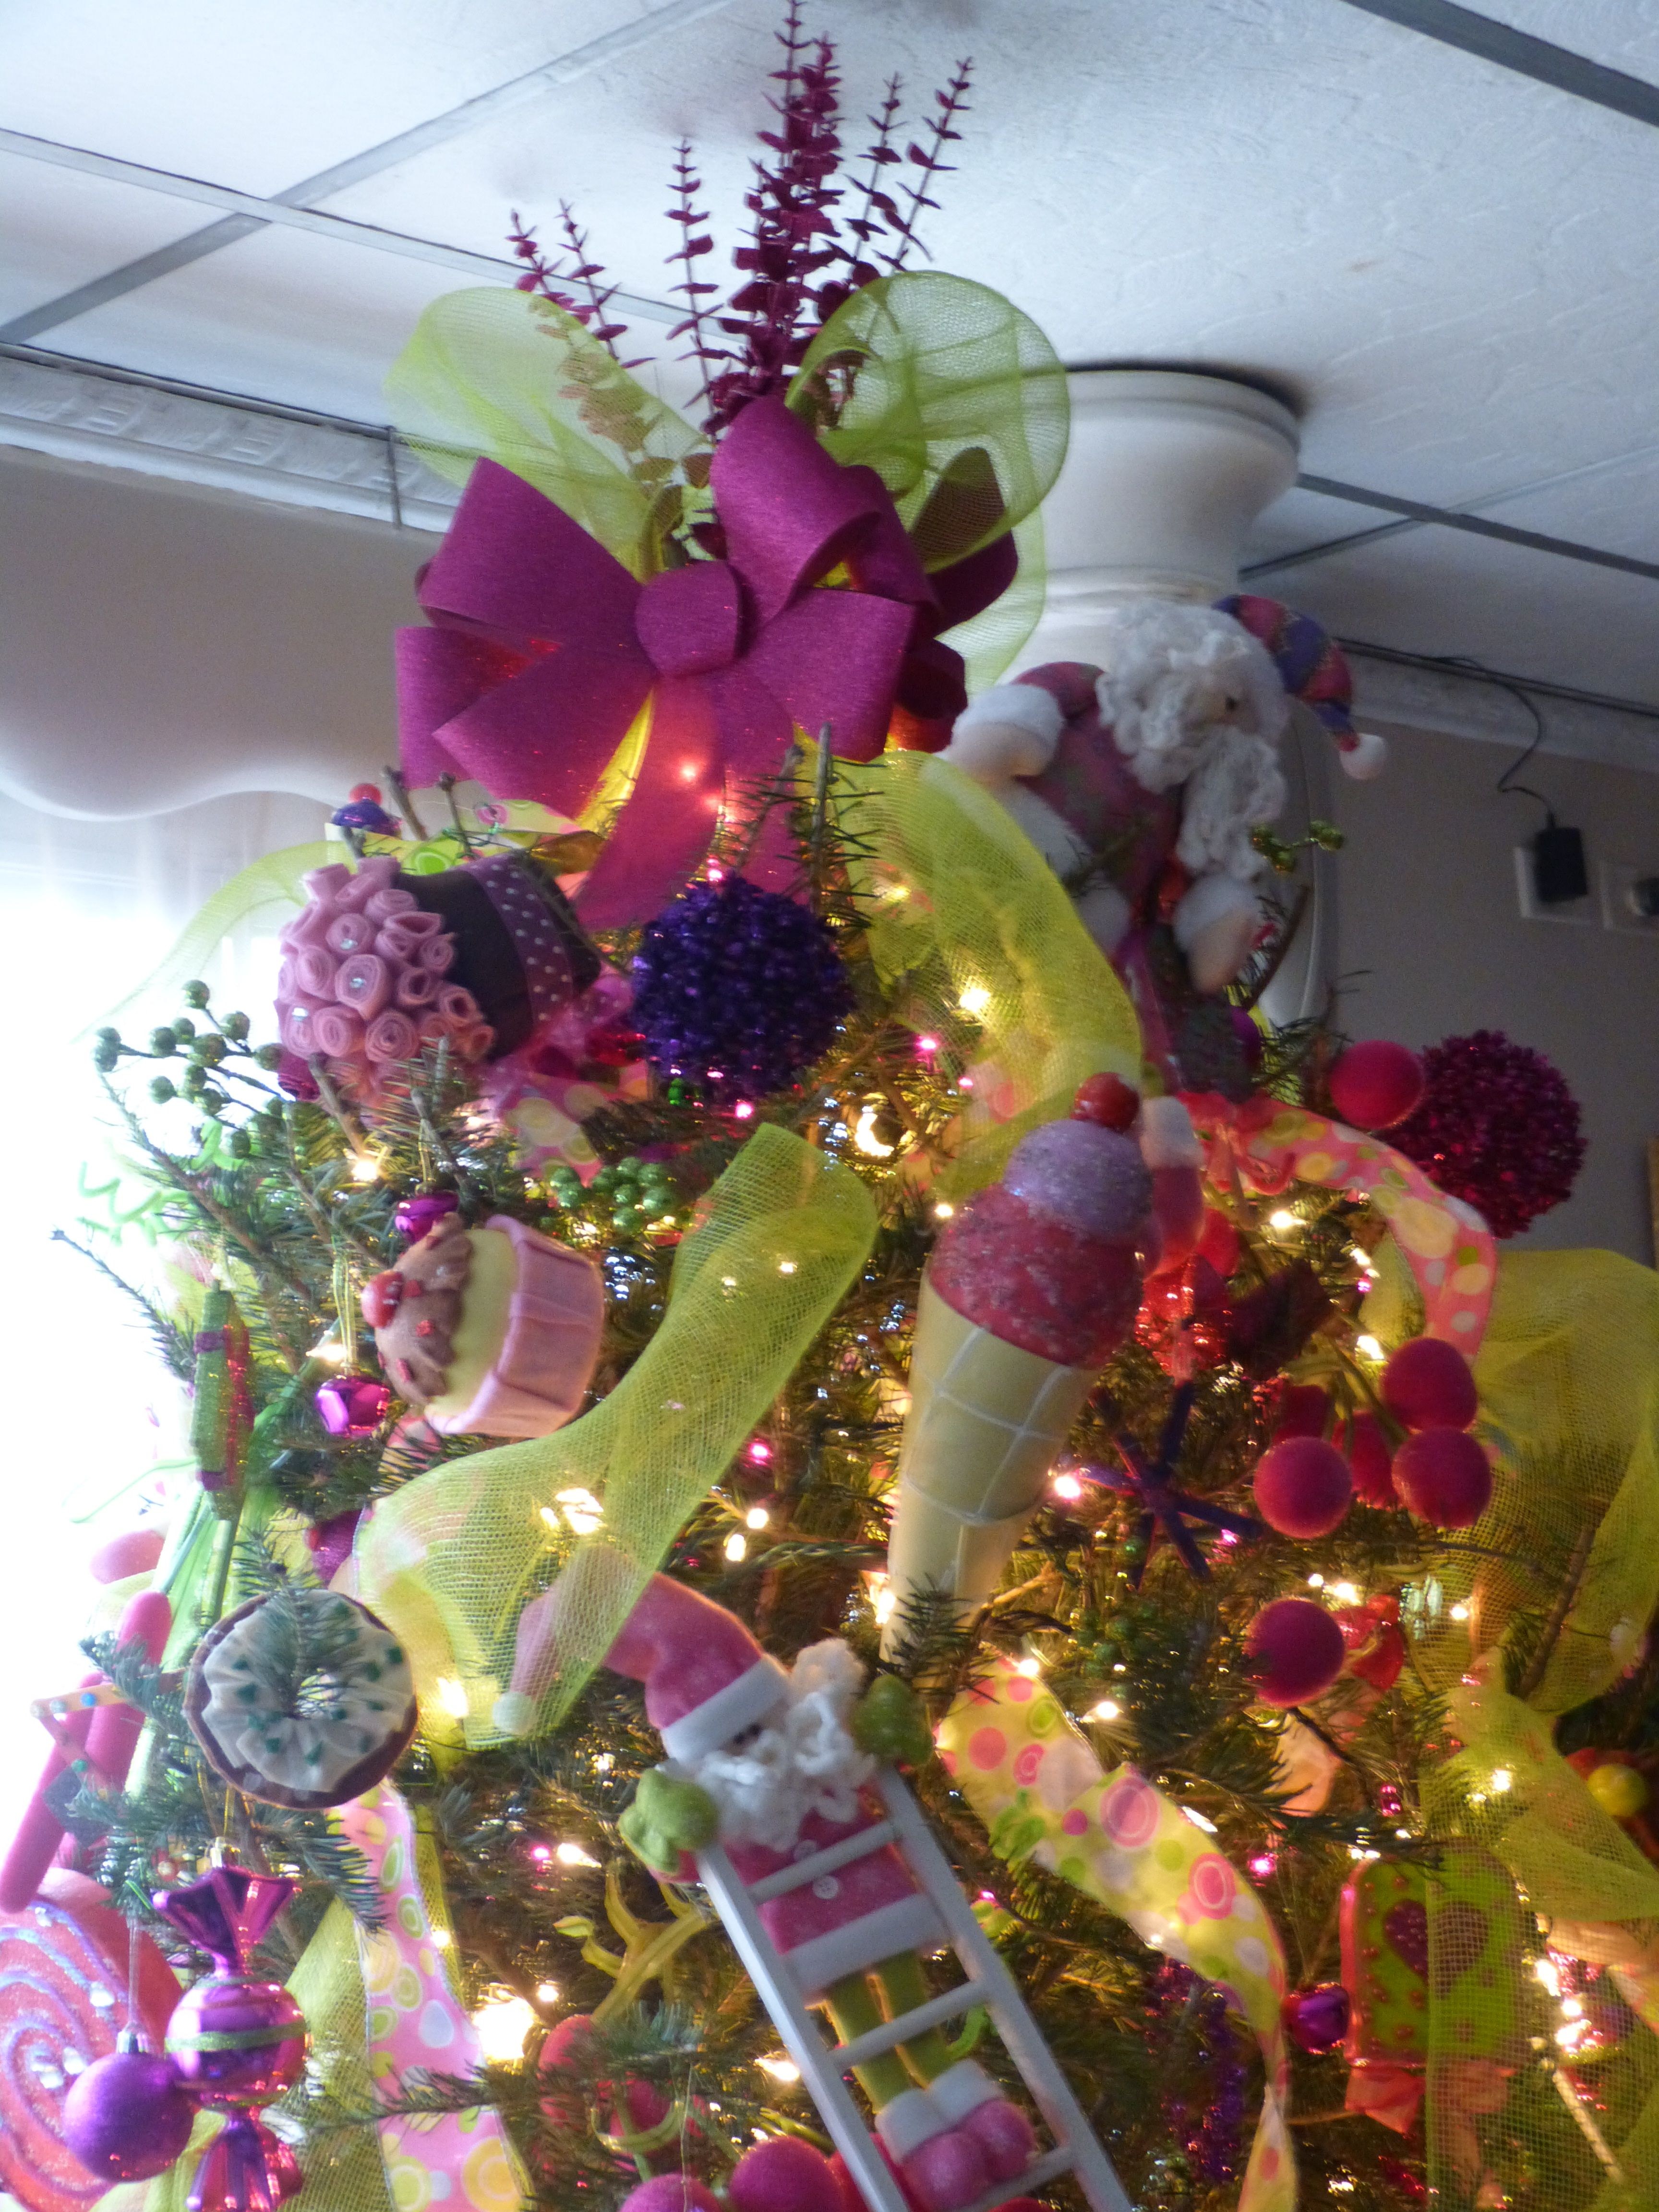 Arbol de navidad de dulces navidad deco navidad y - Decoracion arboles navidenos ...